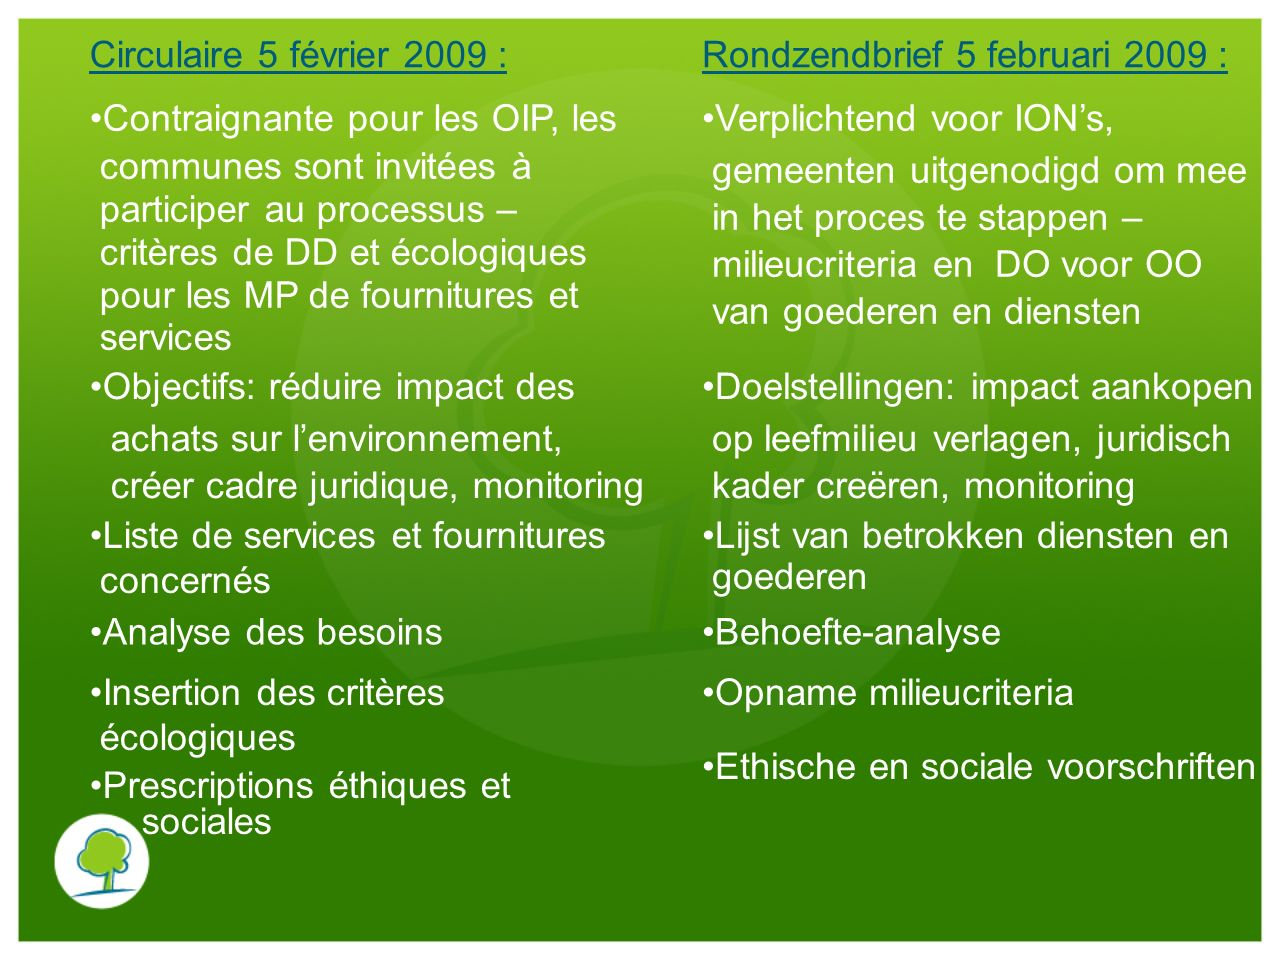 Circulaire 5 février 2009 :Rondzendbrief 5 februari 2009 : Contraignante pour les OIP, les. communes sont invitées à.